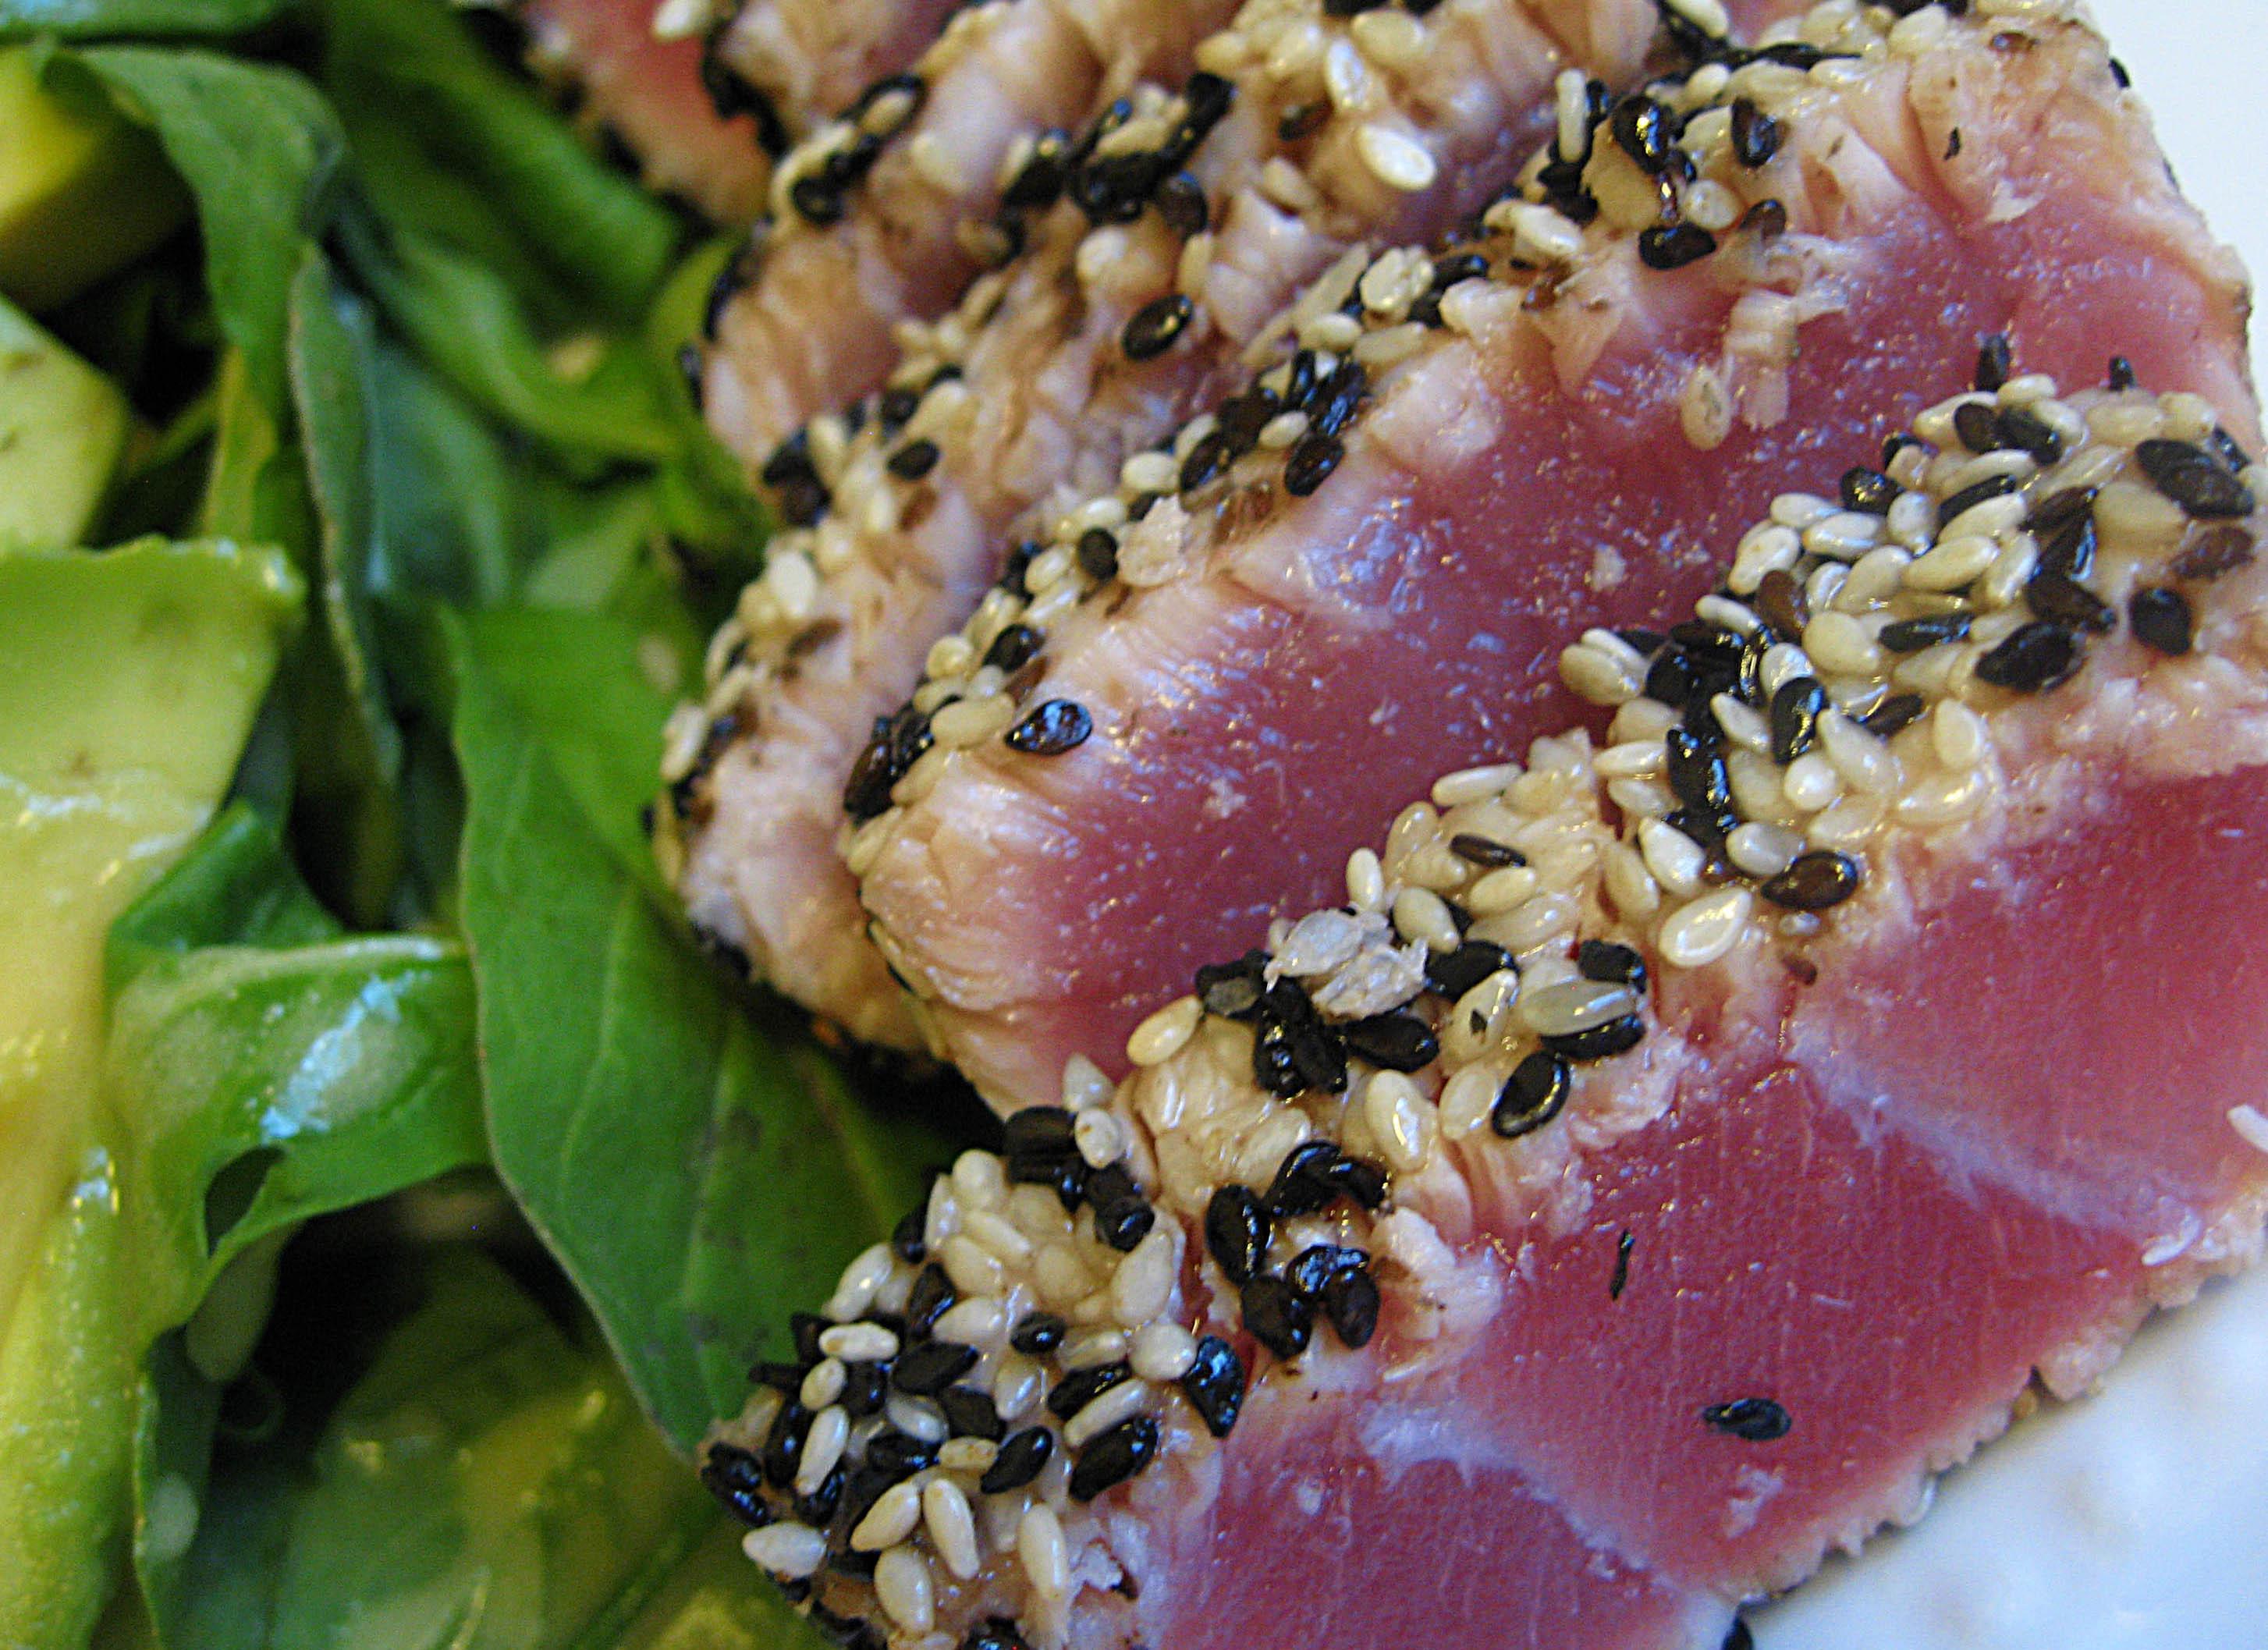 ... seared rare tuna mkp pan seared sesame crusted tuna with wasabi aioli